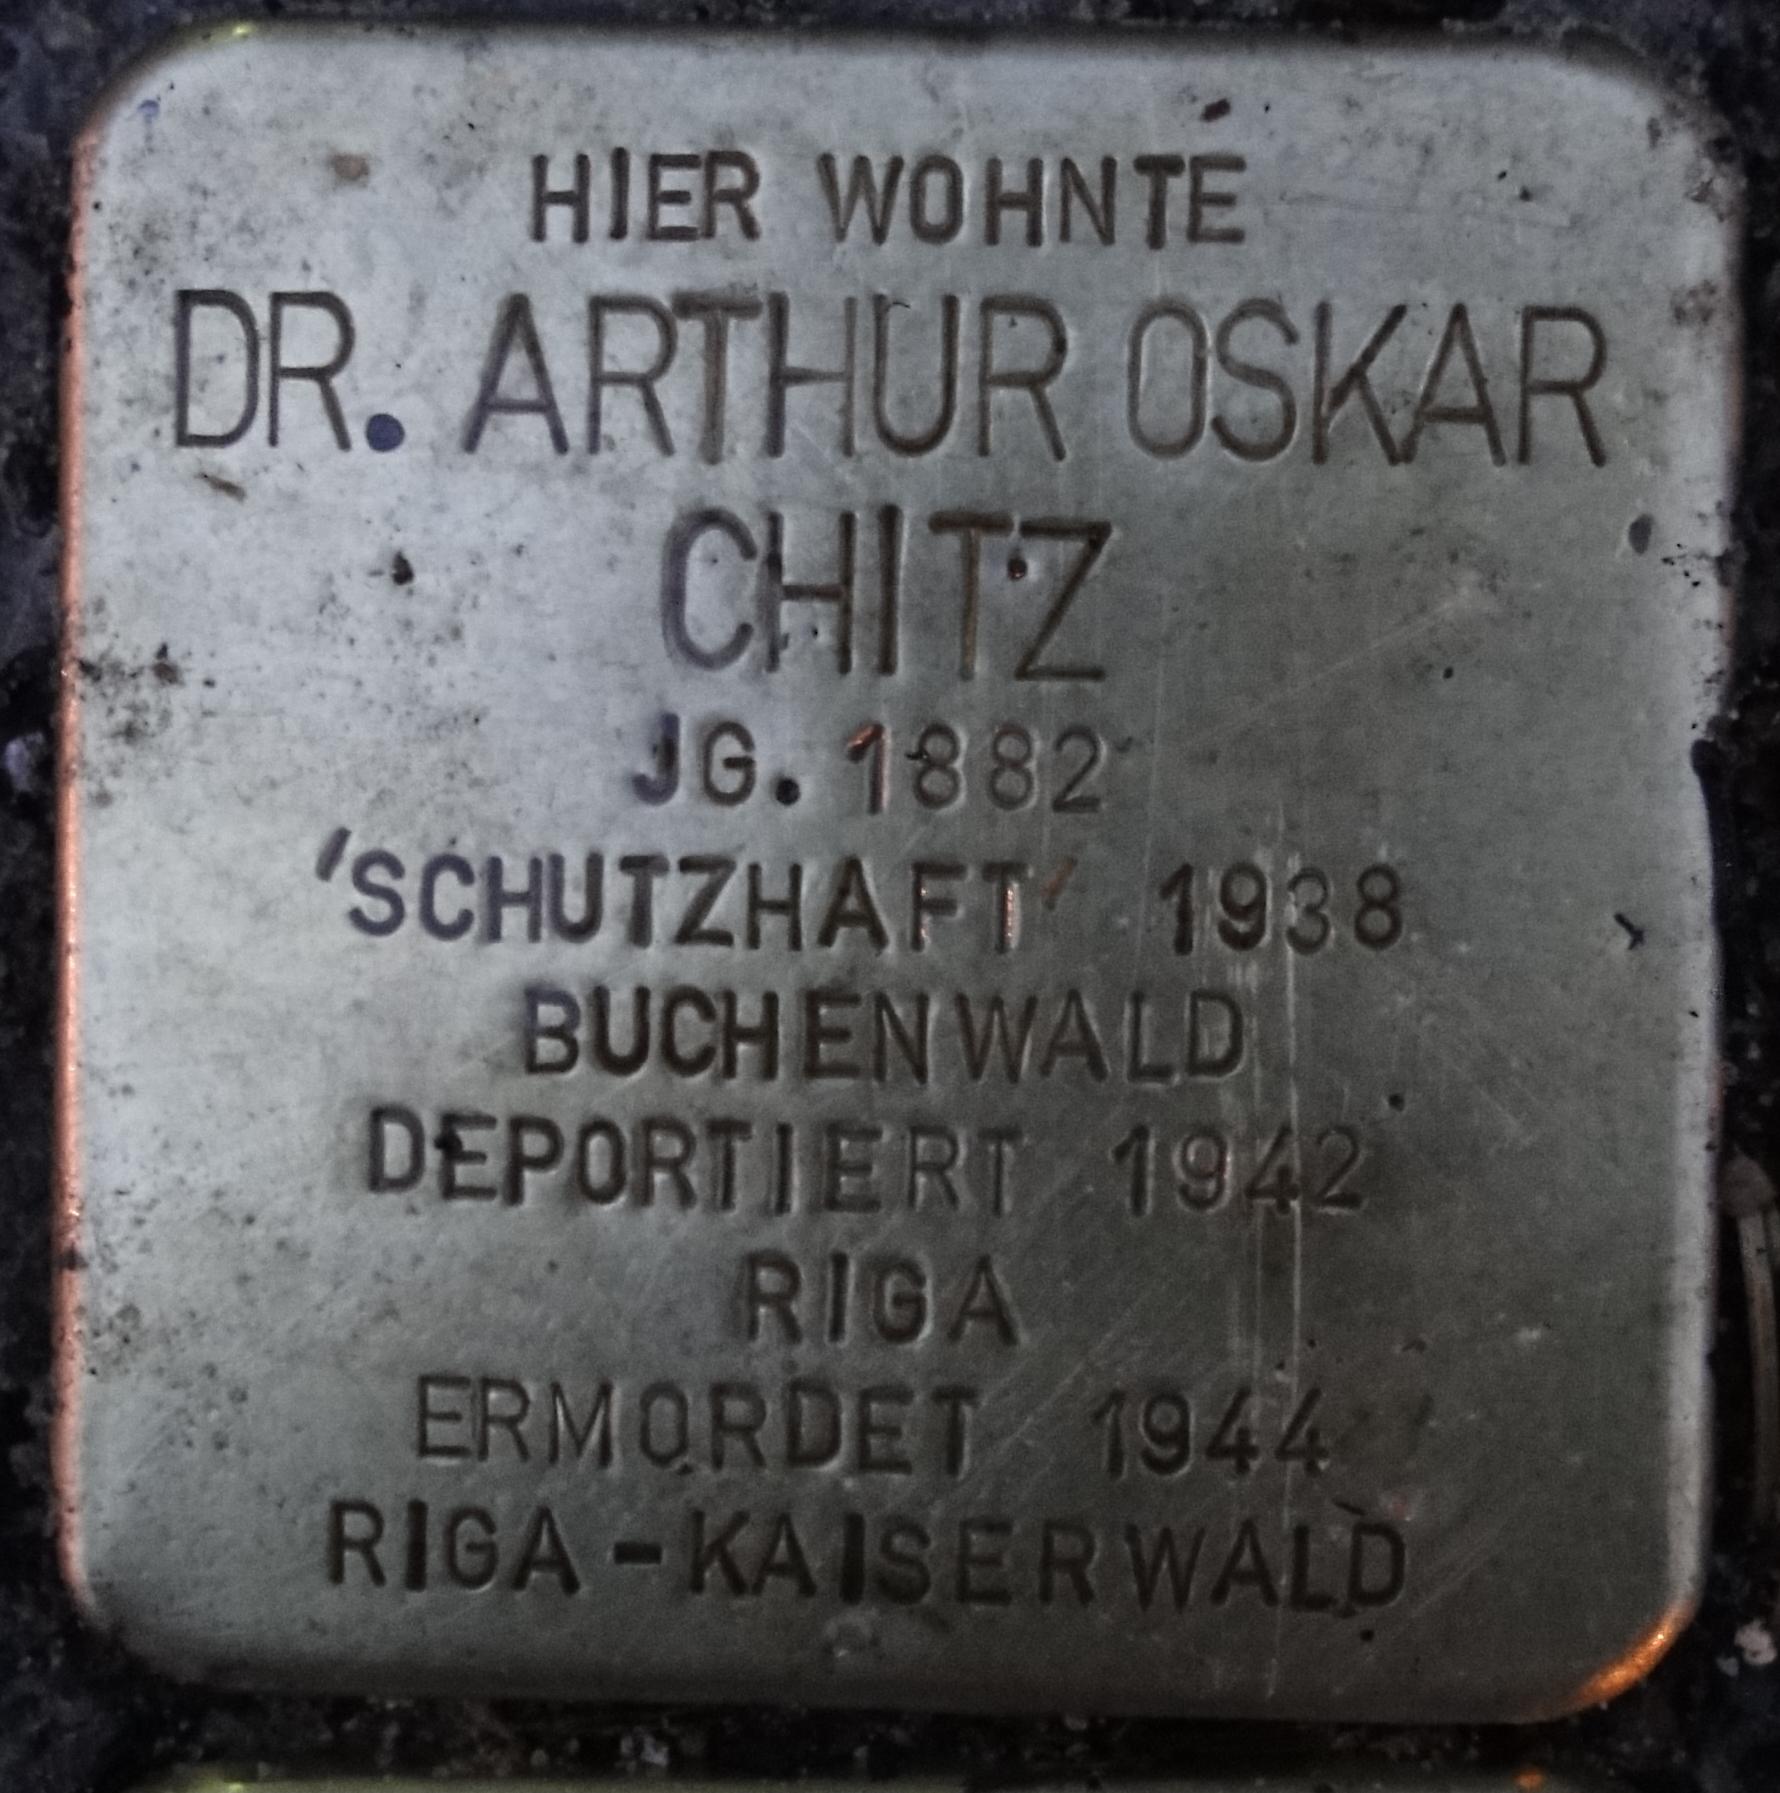 stolpersteine dresden karte Liste der Stolpersteine in Dresden   Wikiwand